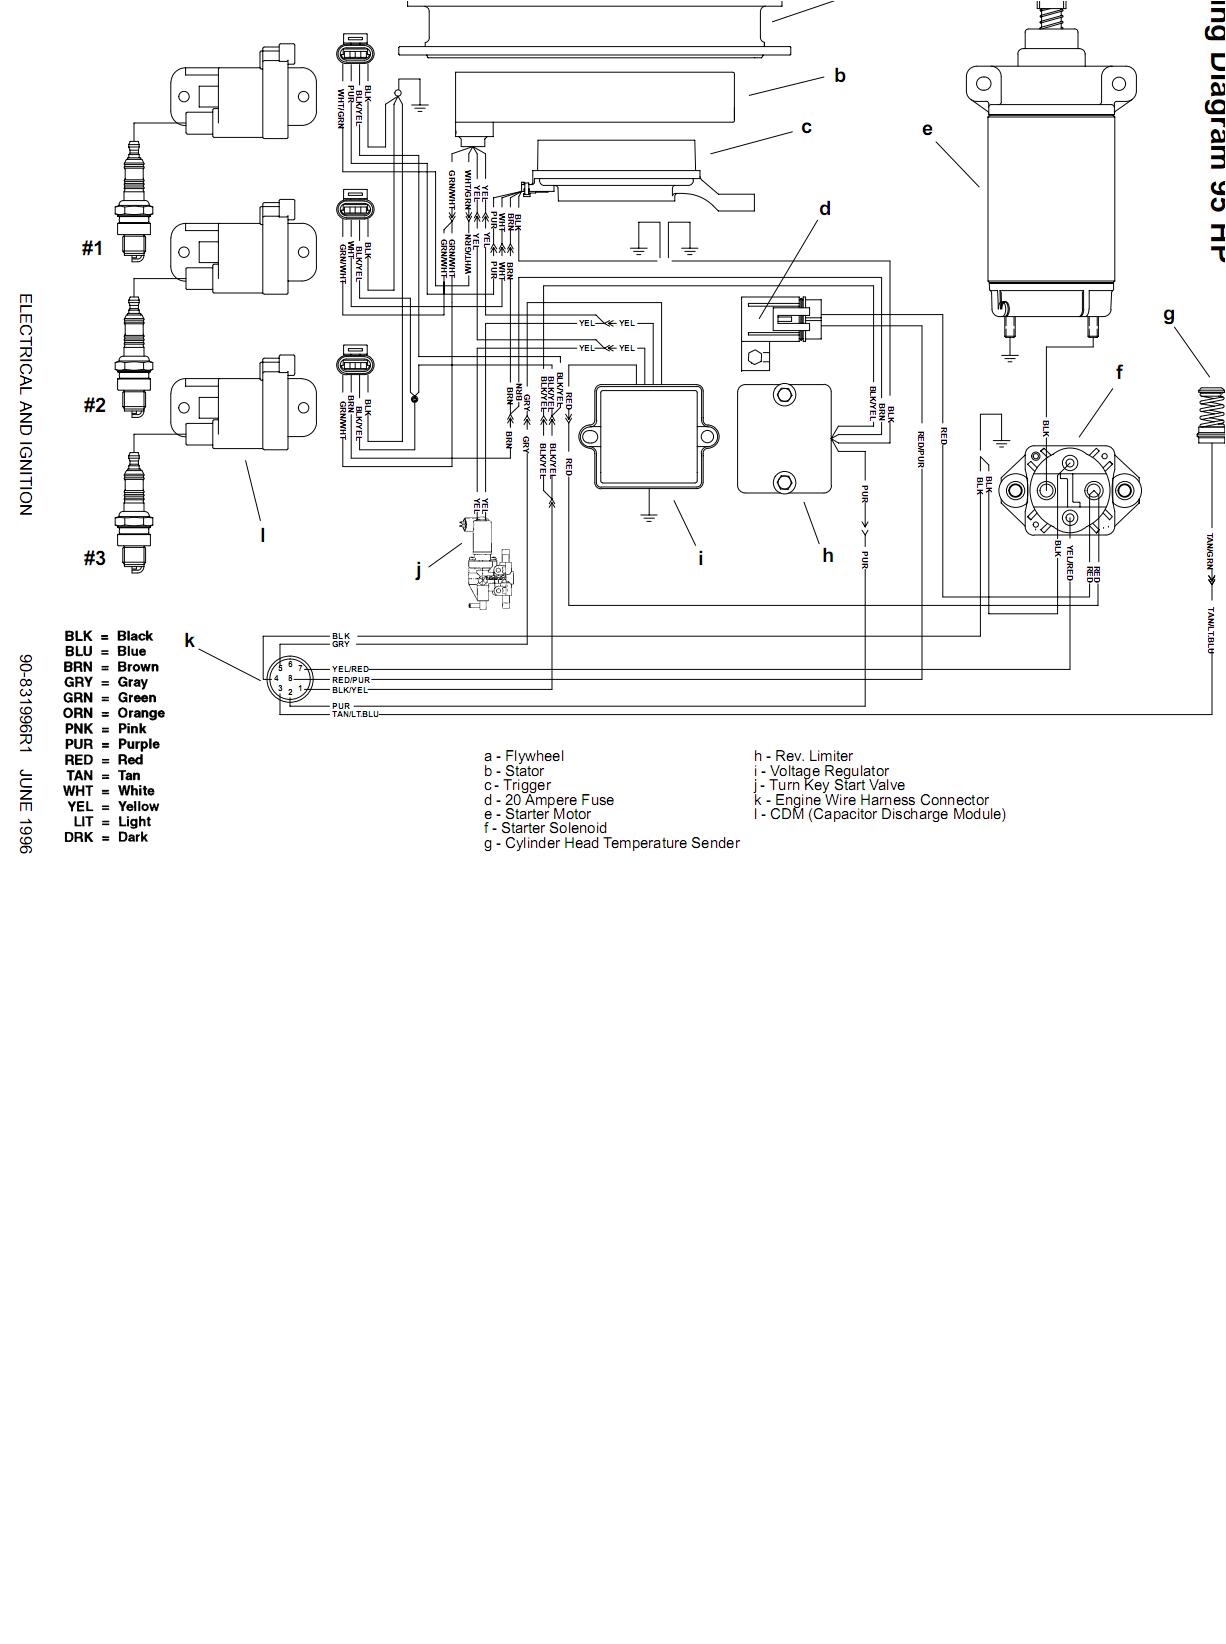 Sea Ray Bilge Pump Wiring Diagram Sea Pro Wiring Schematics Blog Wiring Diagram